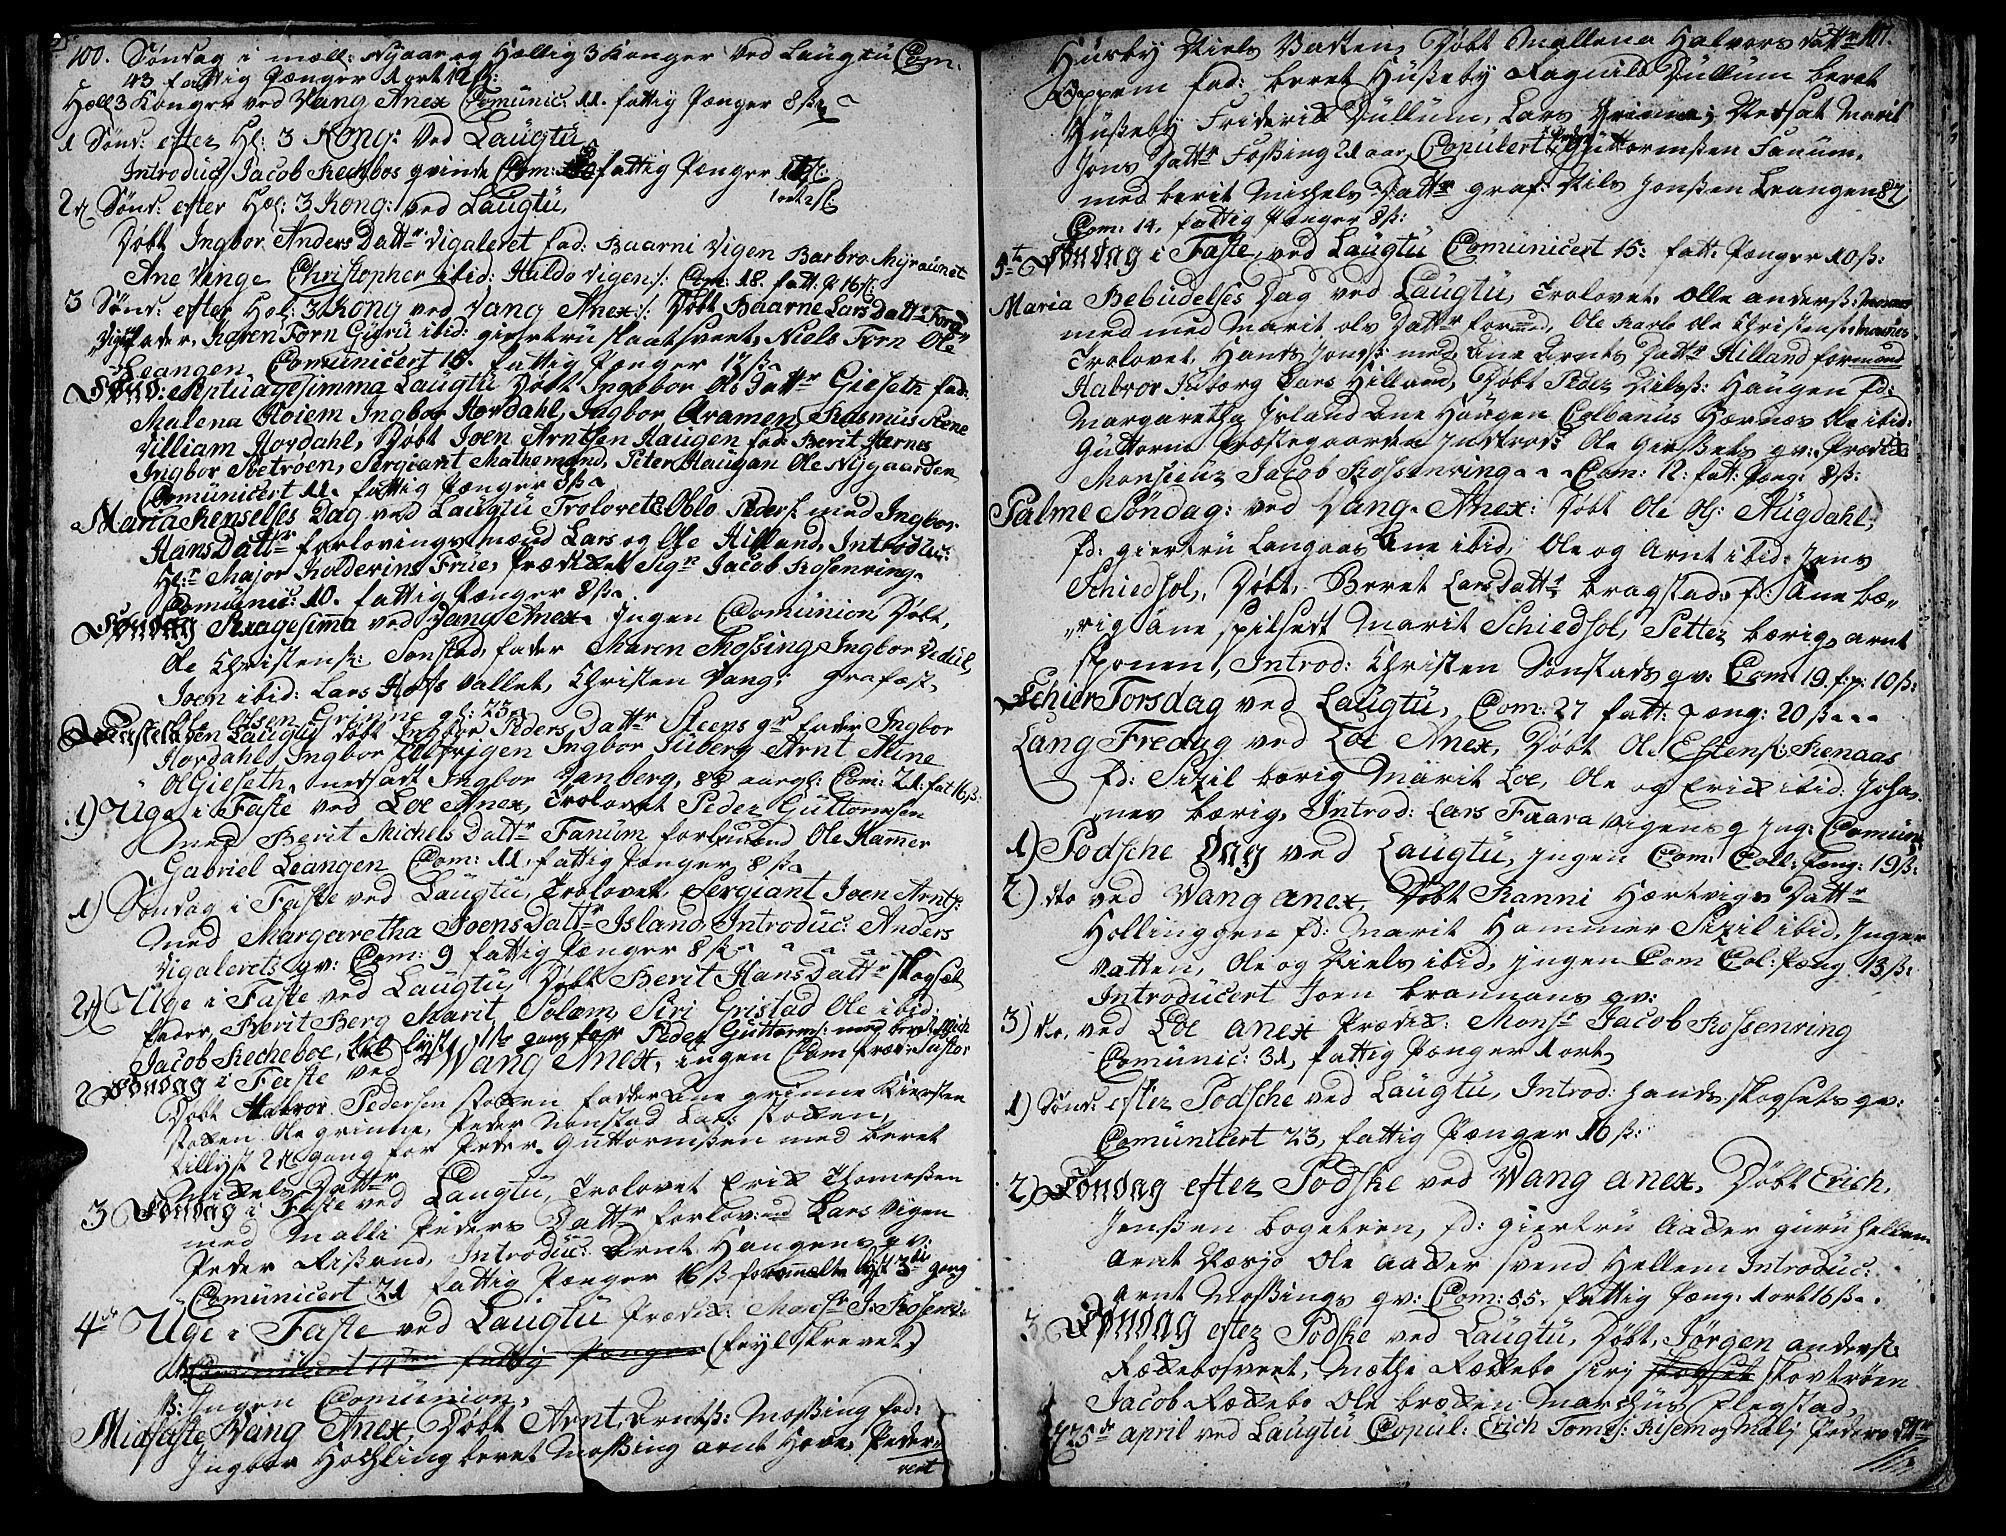 SAT, Ministerialprotokoller, klokkerbøker og fødselsregistre - Nord-Trøndelag, 713/L0109: Ministerialbok nr. 713A01, 1750-1778, s. 100-101